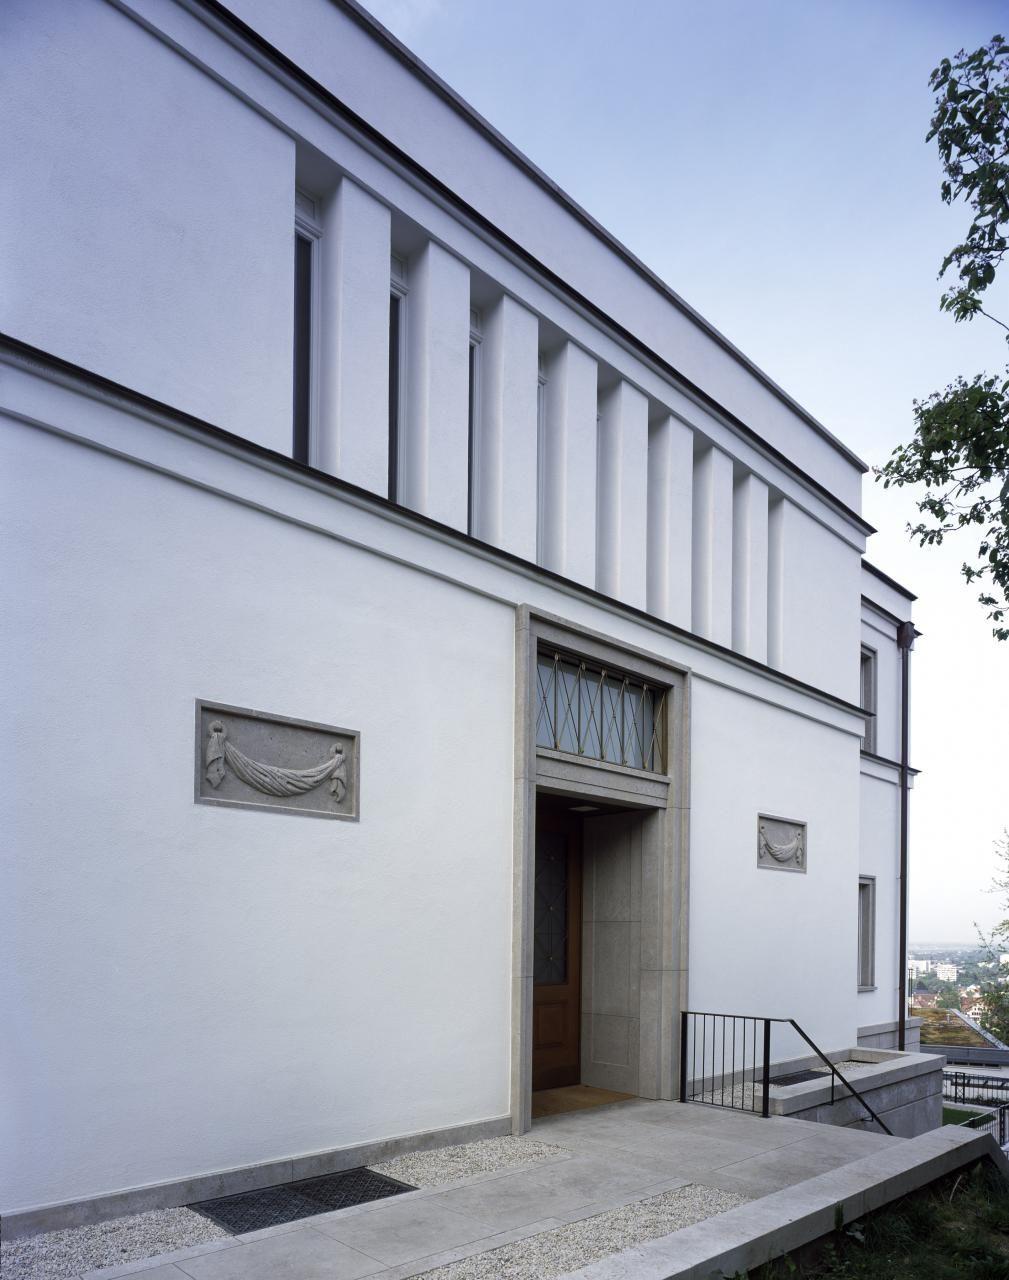 haus a in heidelberg petra und paul kahlfeldt architekten klassische villa pinterest. Black Bedroom Furniture Sets. Home Design Ideas